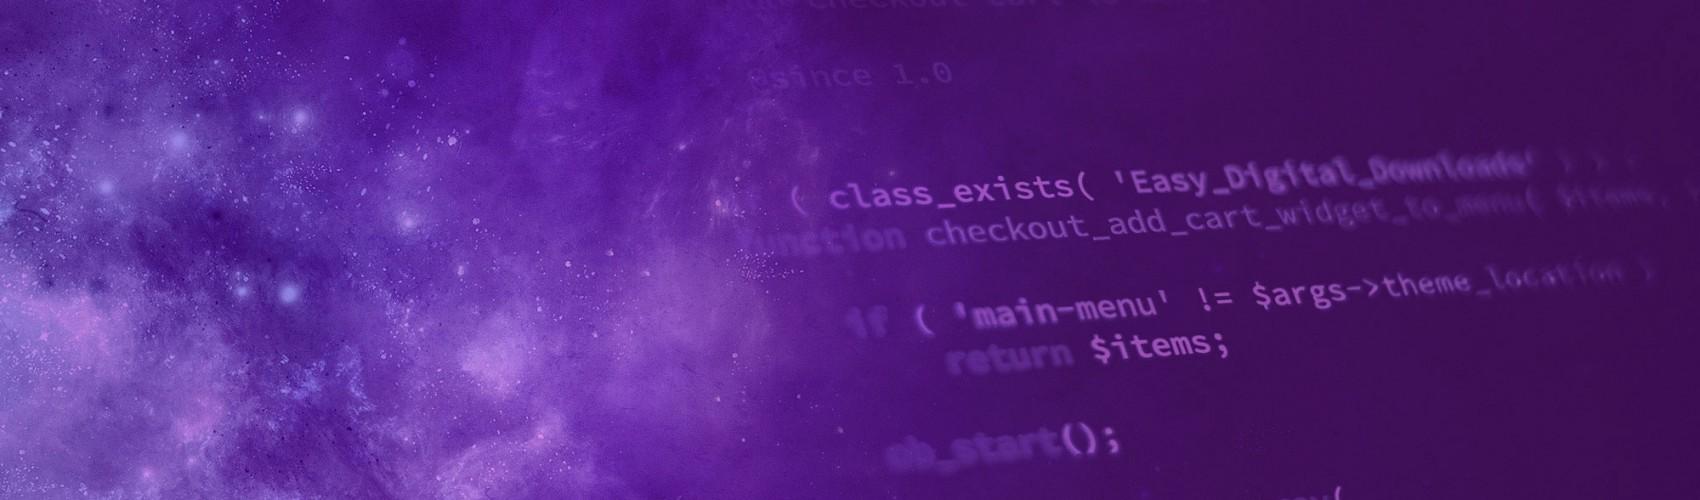 Tvorba webových stránek a e-shopu, programování PHP, HTML, JAVASCRIPT